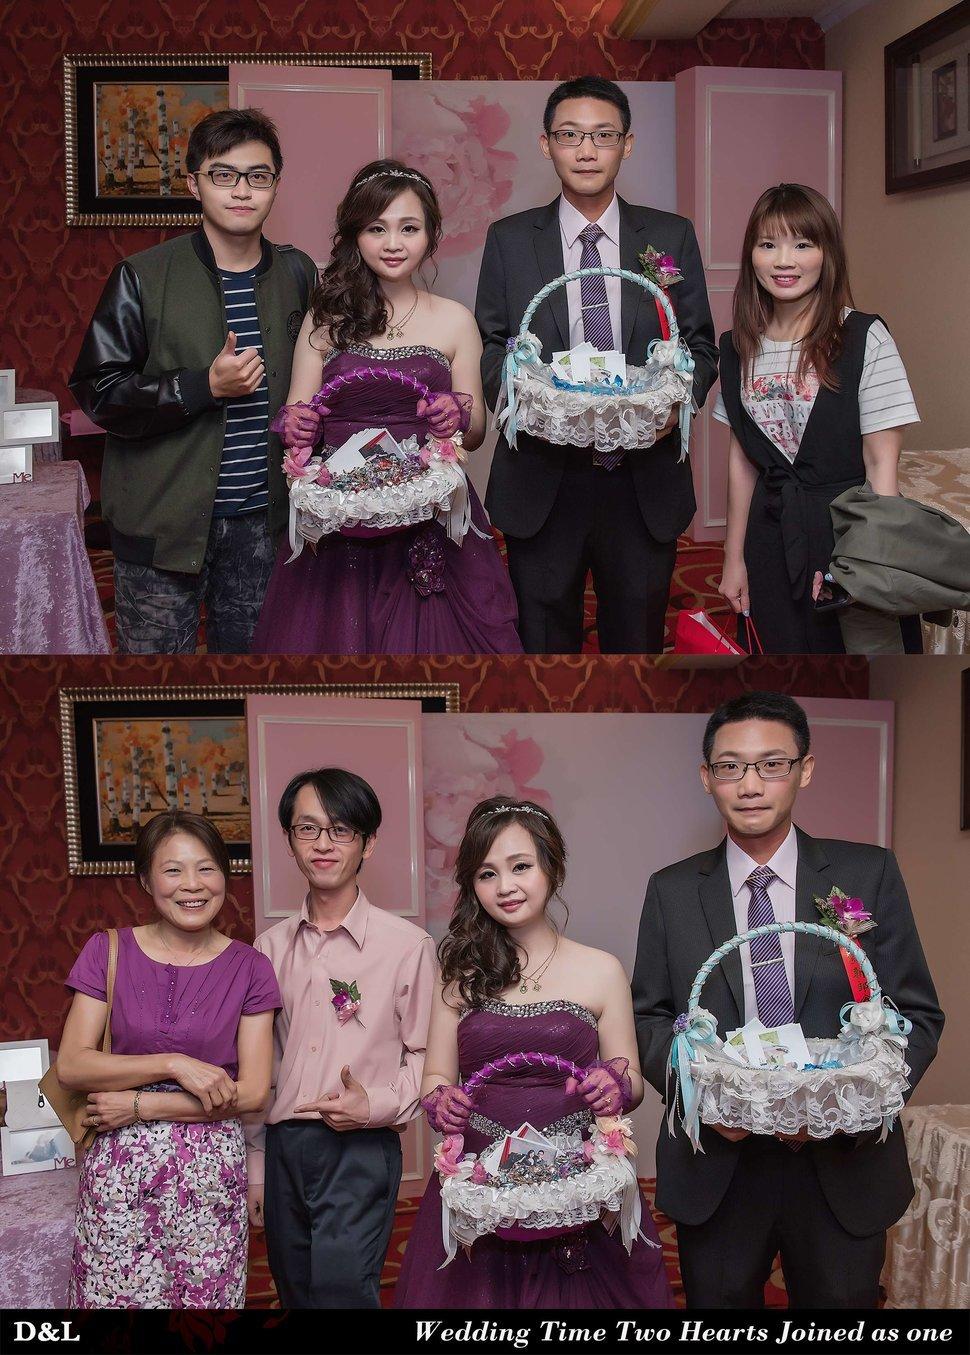 婚禮記錄 錦全&昀臻(編號:6084) - D&L 婚禮事務-婚紗攝影/婚禮記錄 - 結婚吧一站式婚禮服務平台